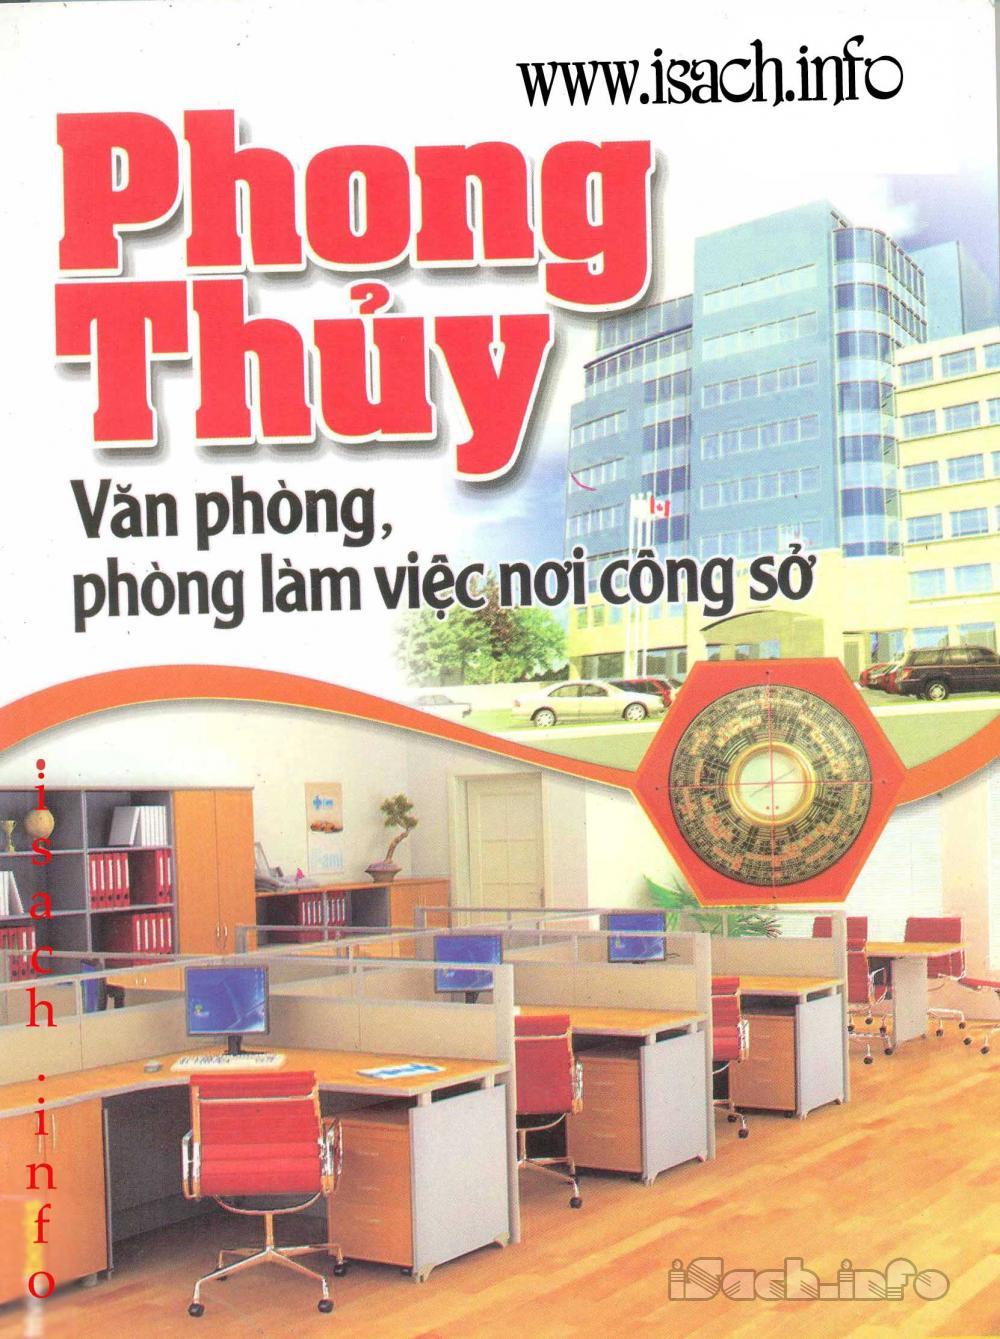 6 Lời Khuyên Cho Phong Thủy